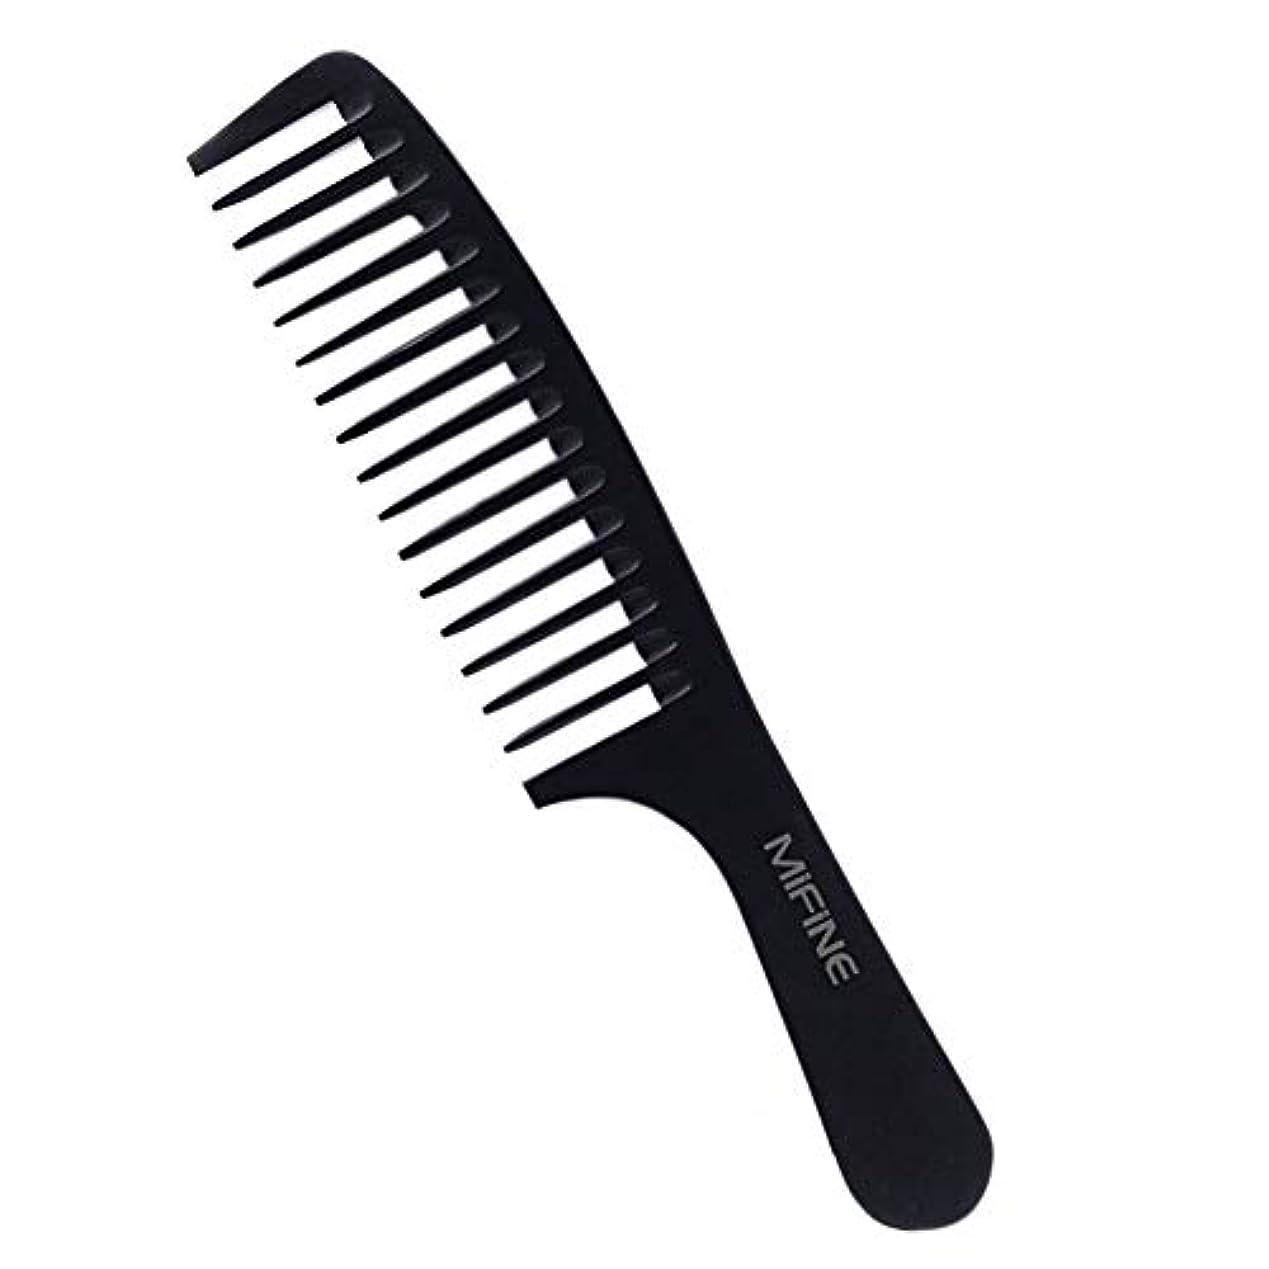 刈り取る滞在芽くし あらめ コーム Mifine 櫛 髪 くし メンズ ヘアケア 荒め ヘアブラシ 高級 ベークライト優れた耐熱性 静電気防止 パームヘア 大き目